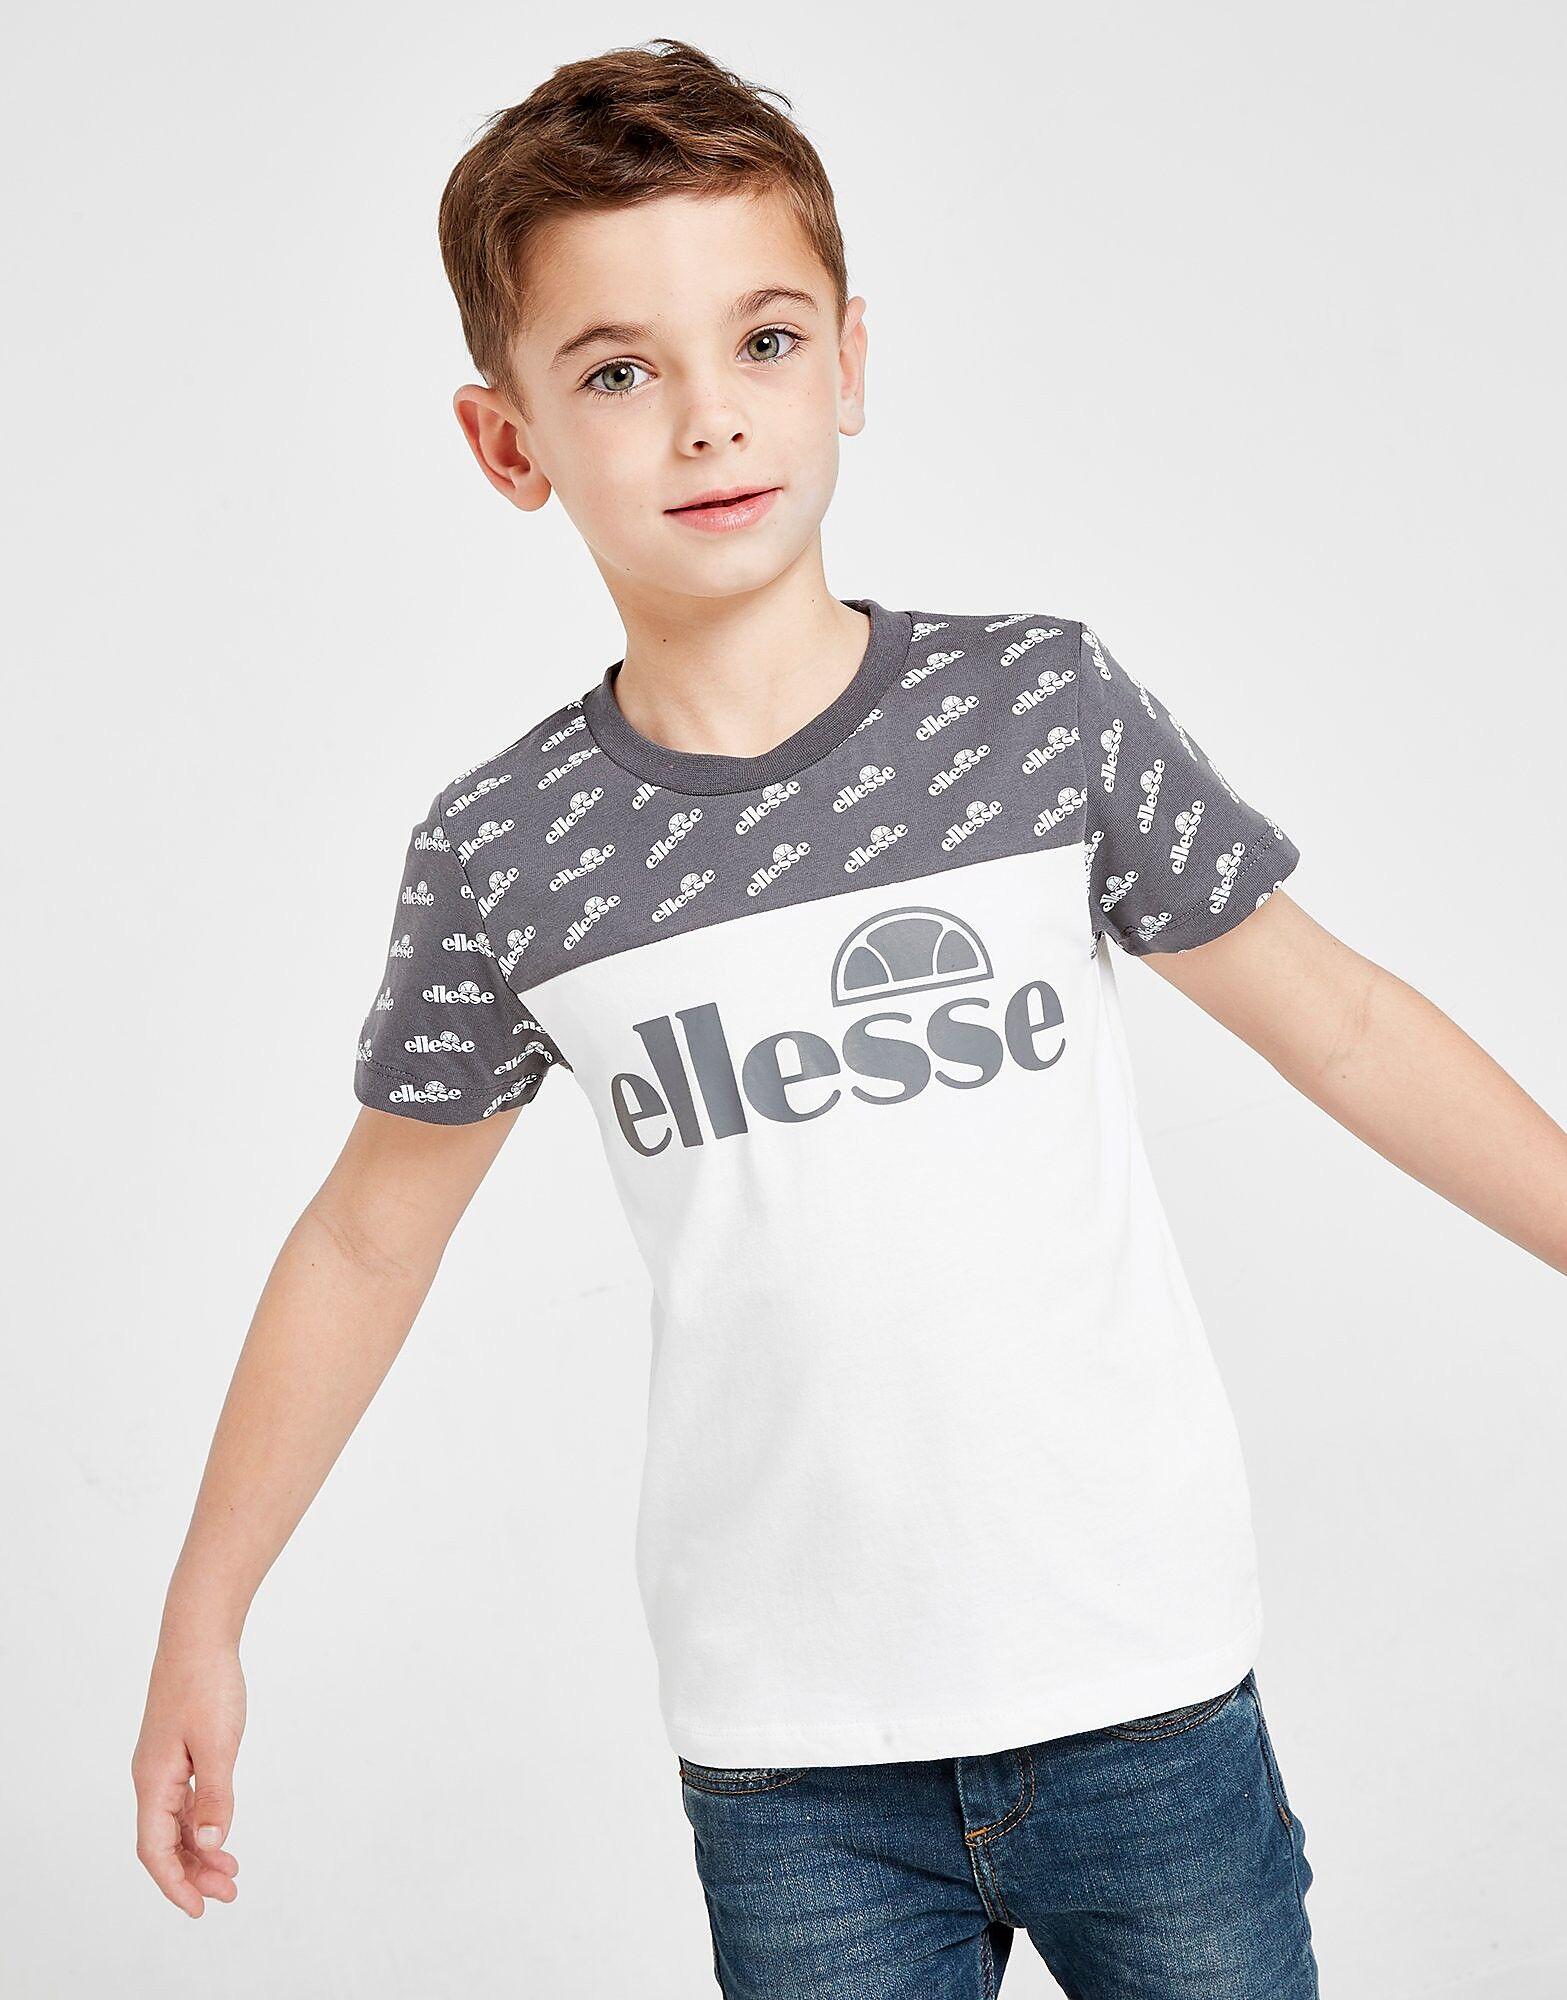 Ellesse Supio All Over Print T-Paita Lapset - Kids, Valkoinen